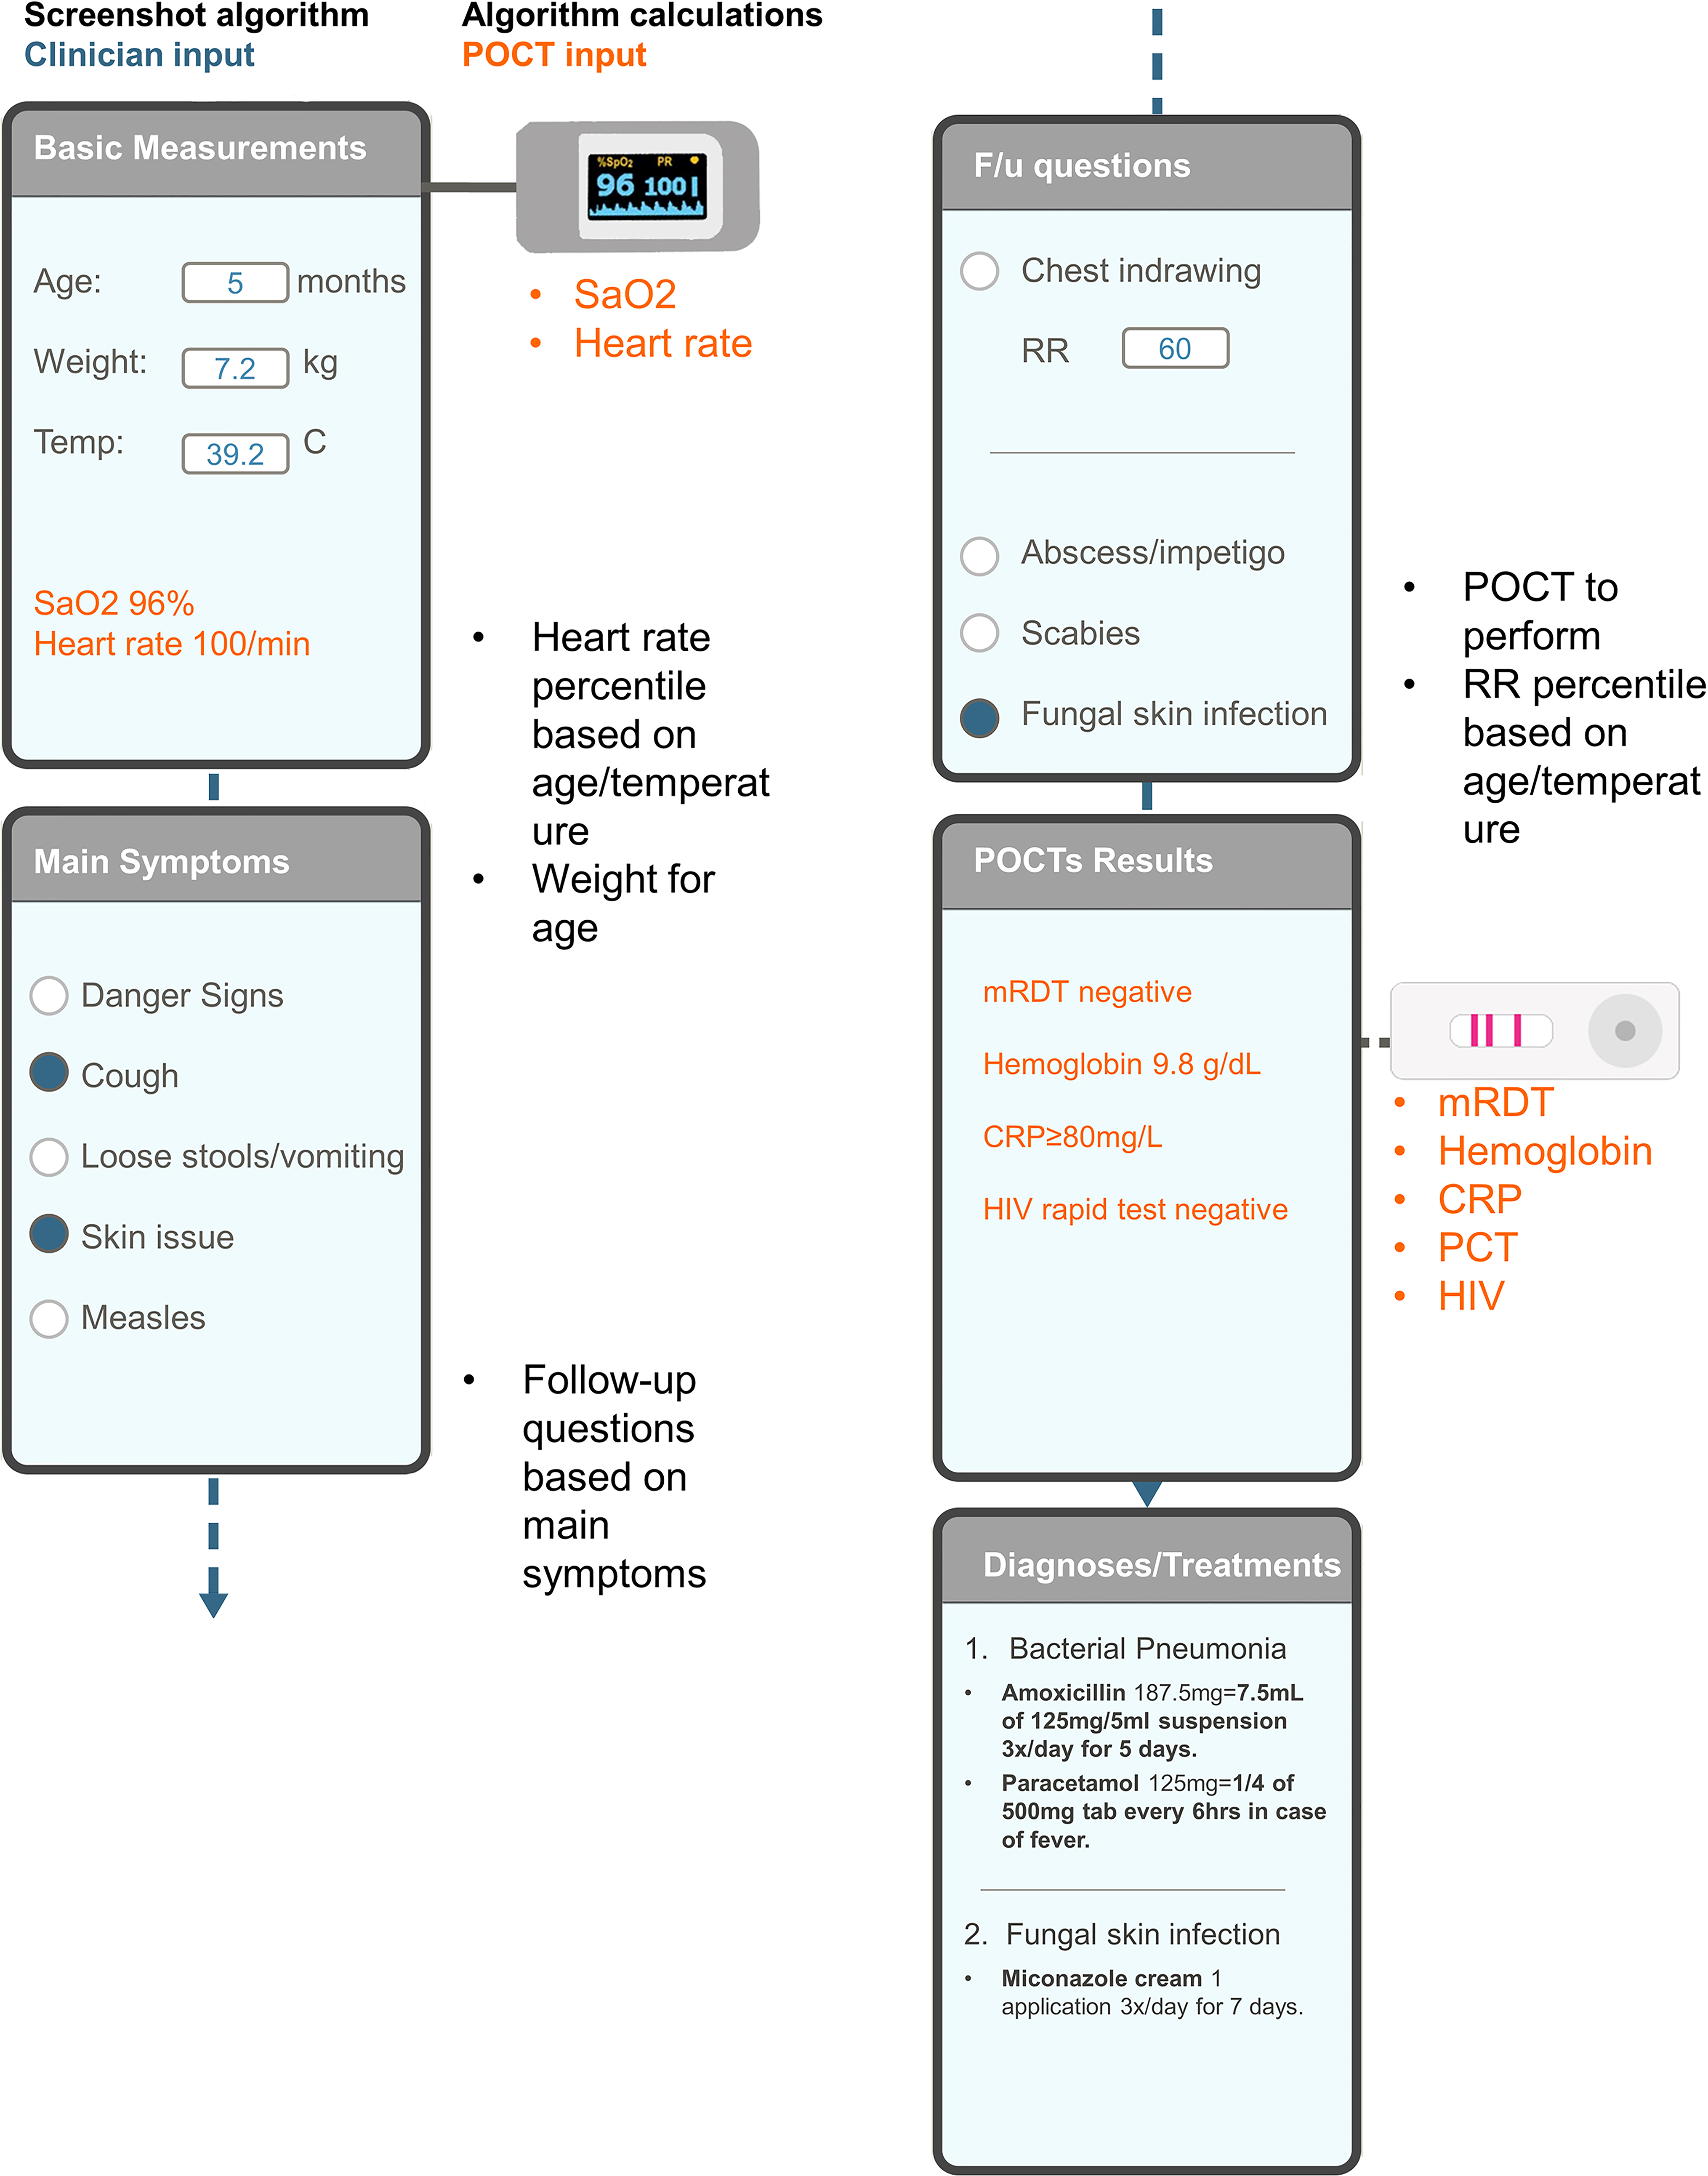 Schematic representation of the e-POCT algorithm.